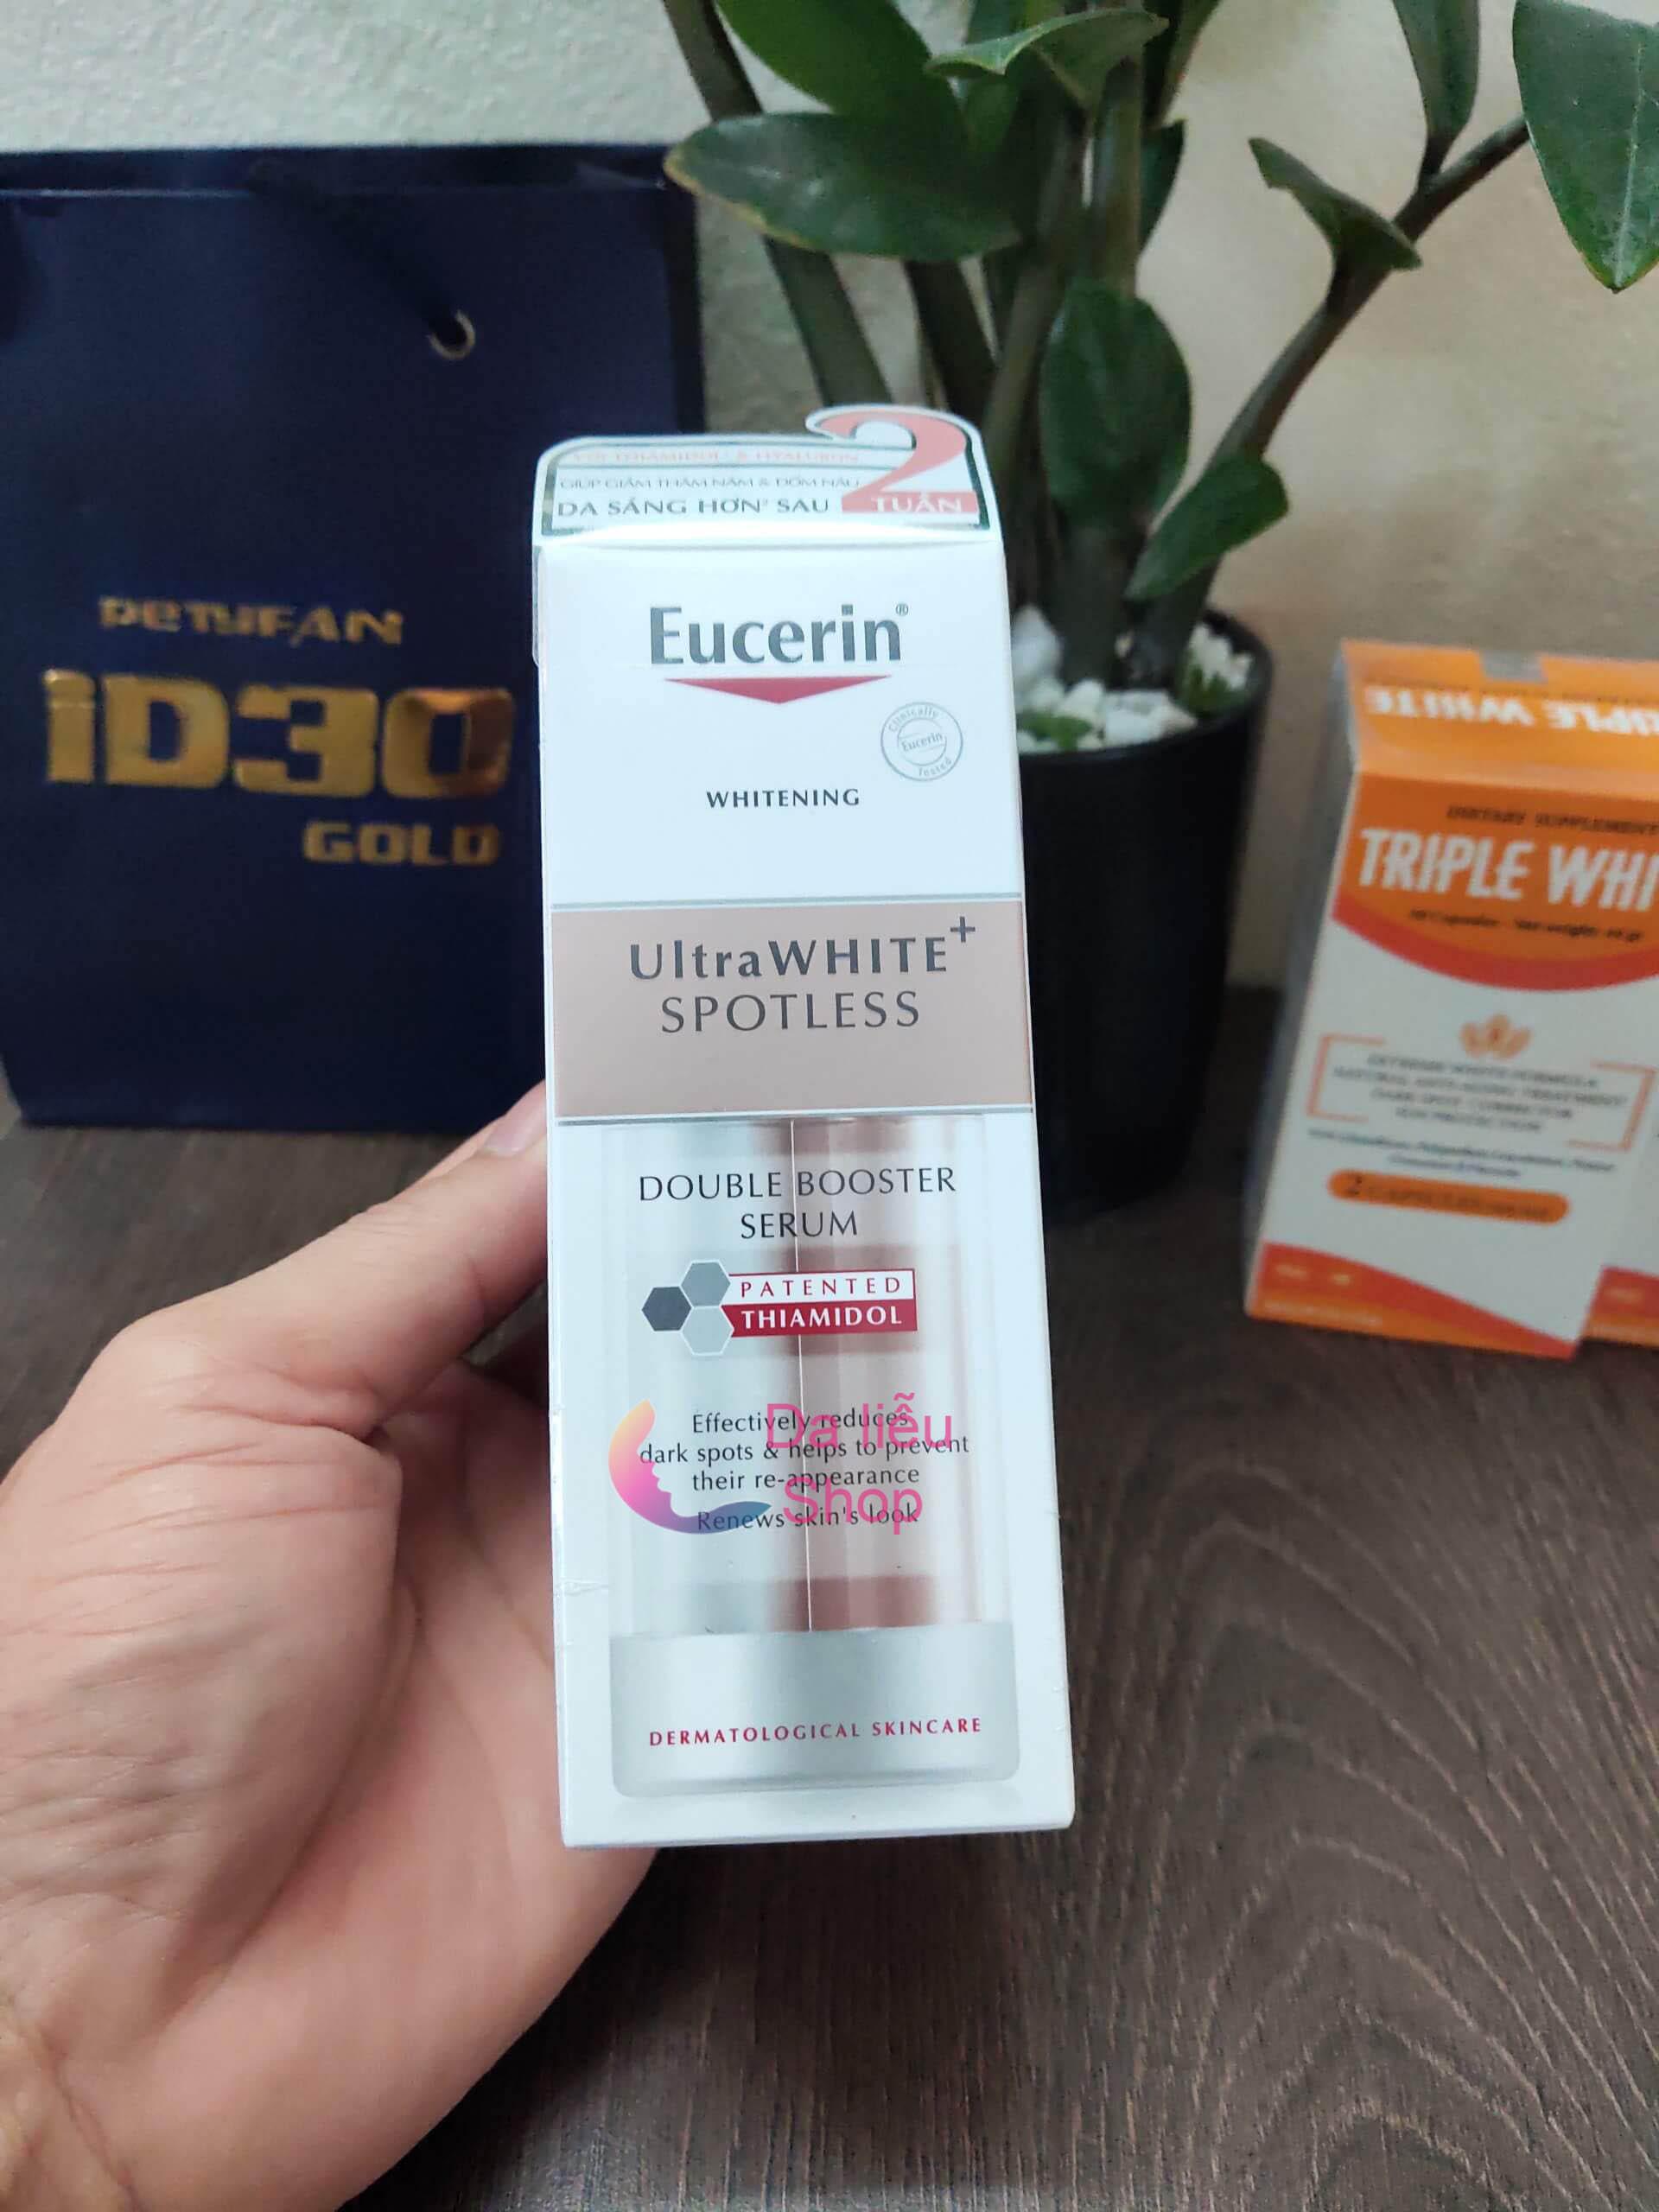 serum eucerin giá bao nhiêu